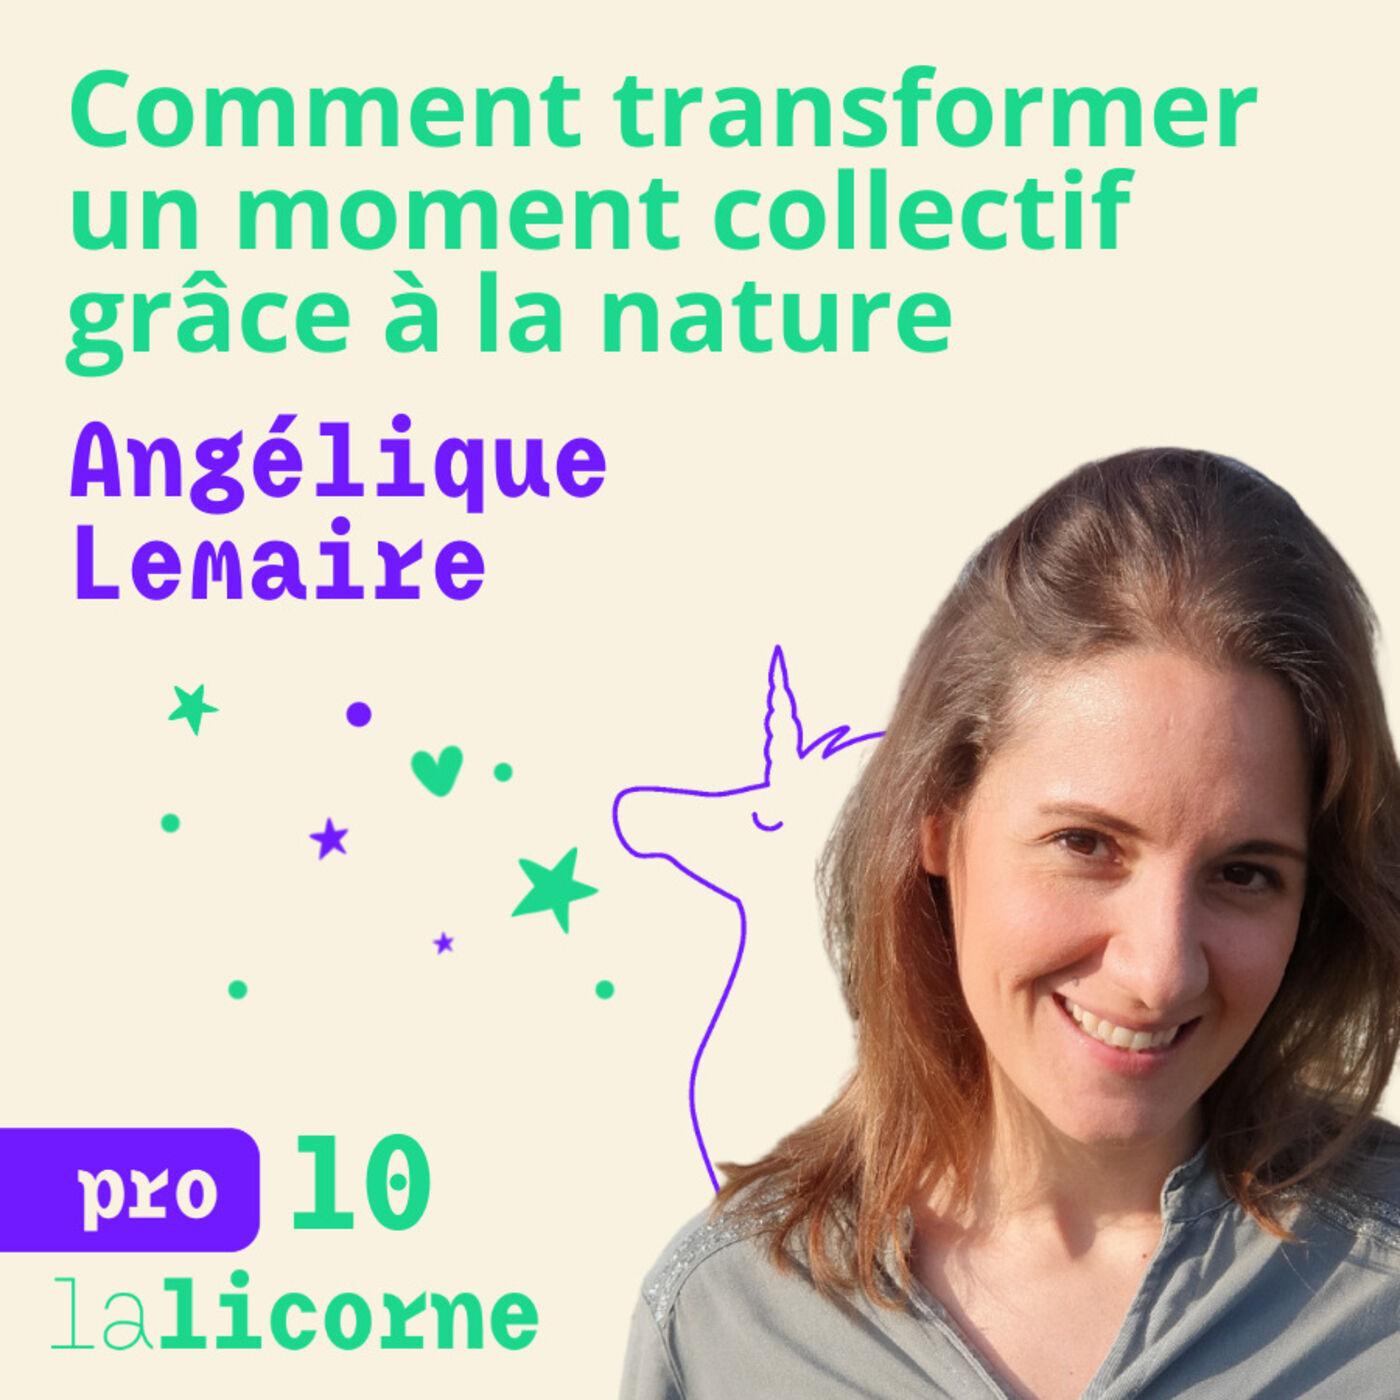 Episode 10 - Pro -🌿 Angélique Lemaire - Comment transformer un moment collectif grâce à la nature ?